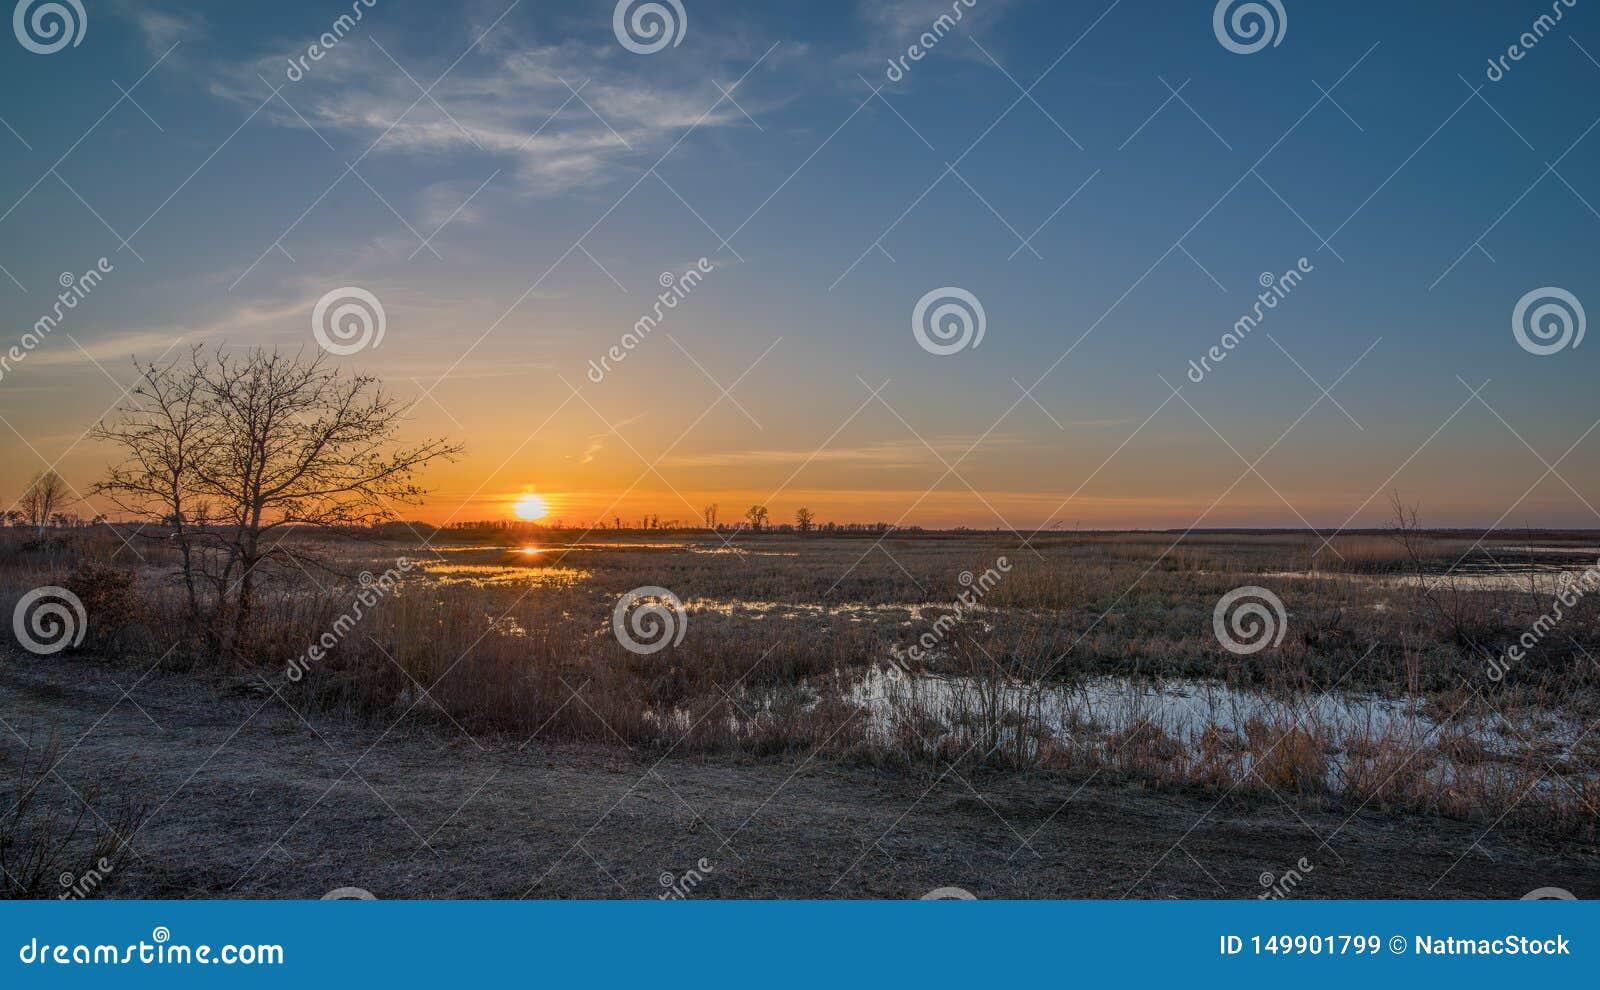 Prairiemoerasland/weide en landelijk grasrijk landweglandschap bij zonsondergang met sinaasappel, geel, en blauw in hemel - sprin